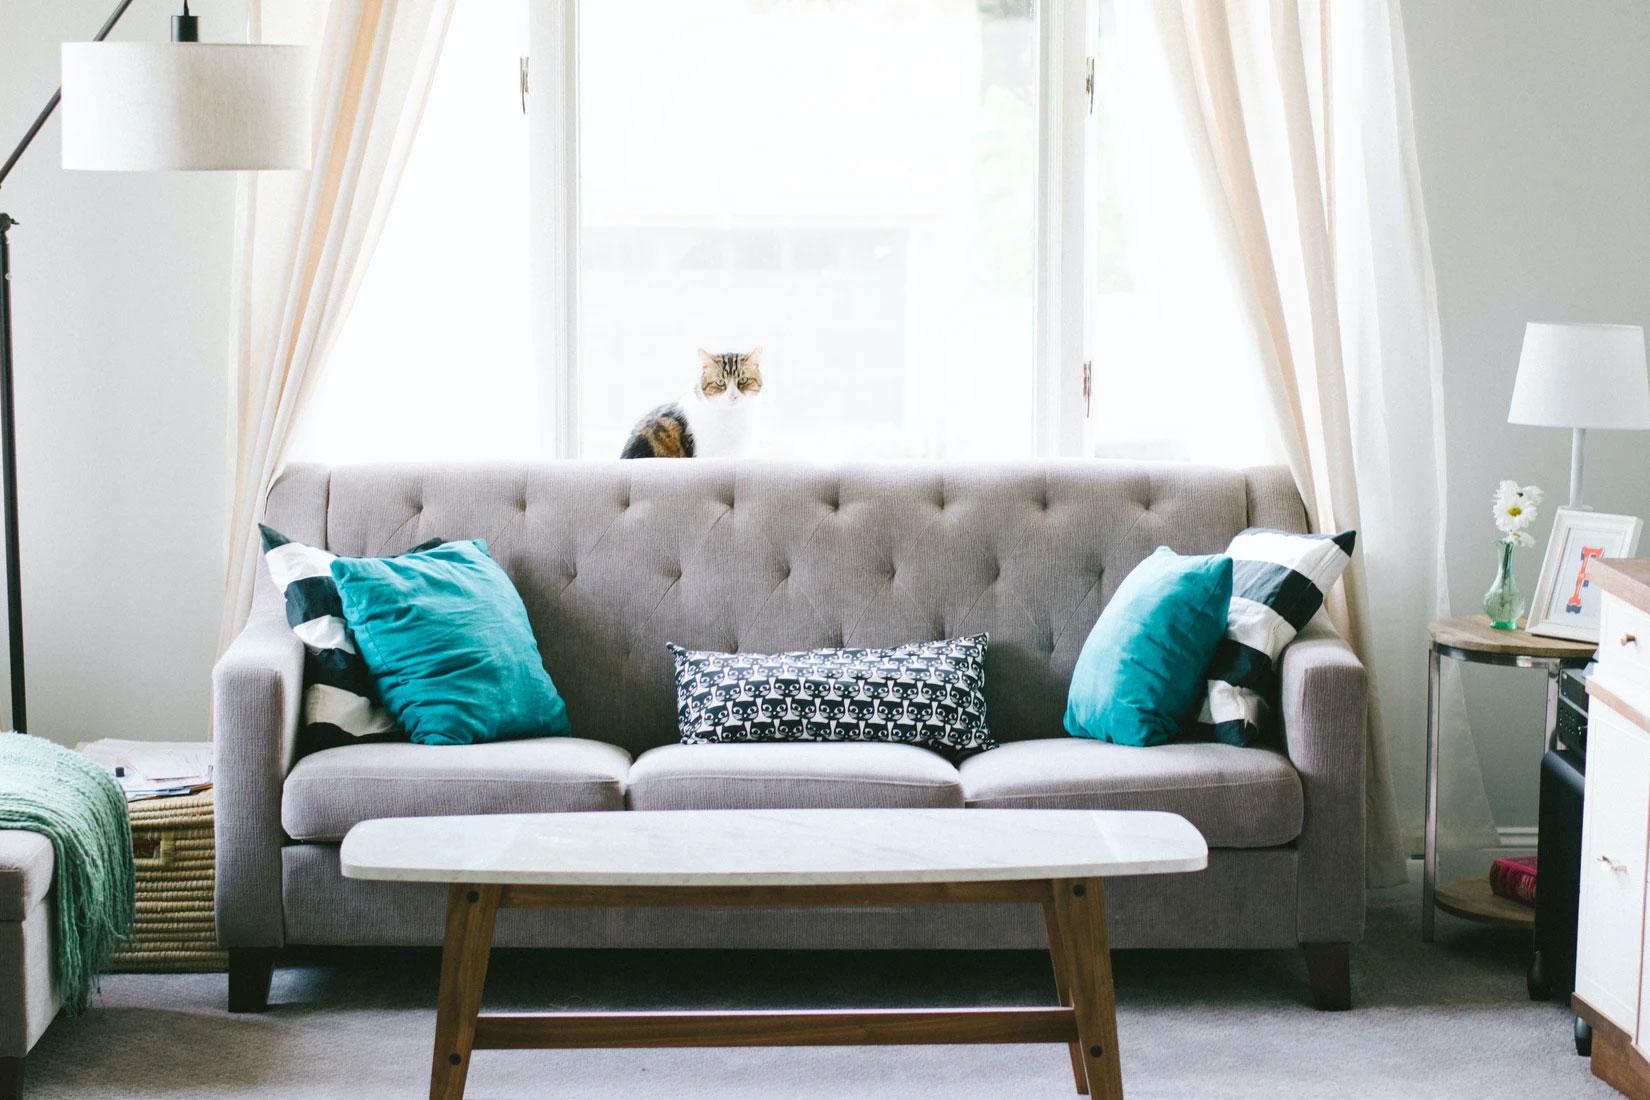 Albany Park's Kova sectional sofa